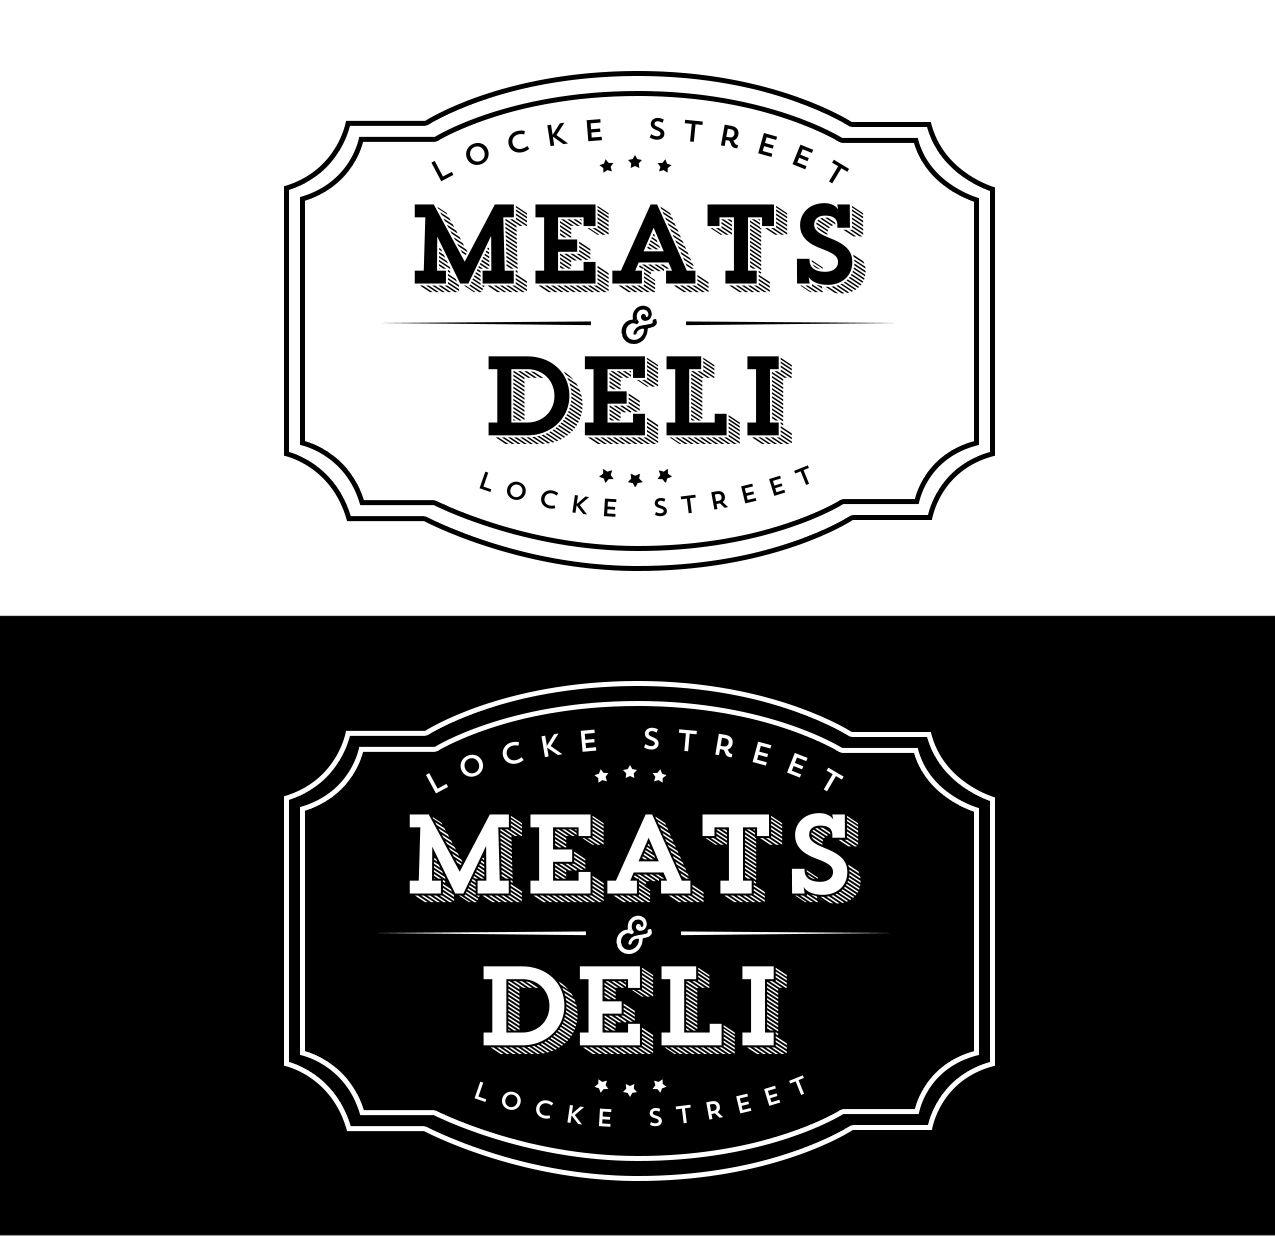 Locke Street Meats & Deli Logo Design.